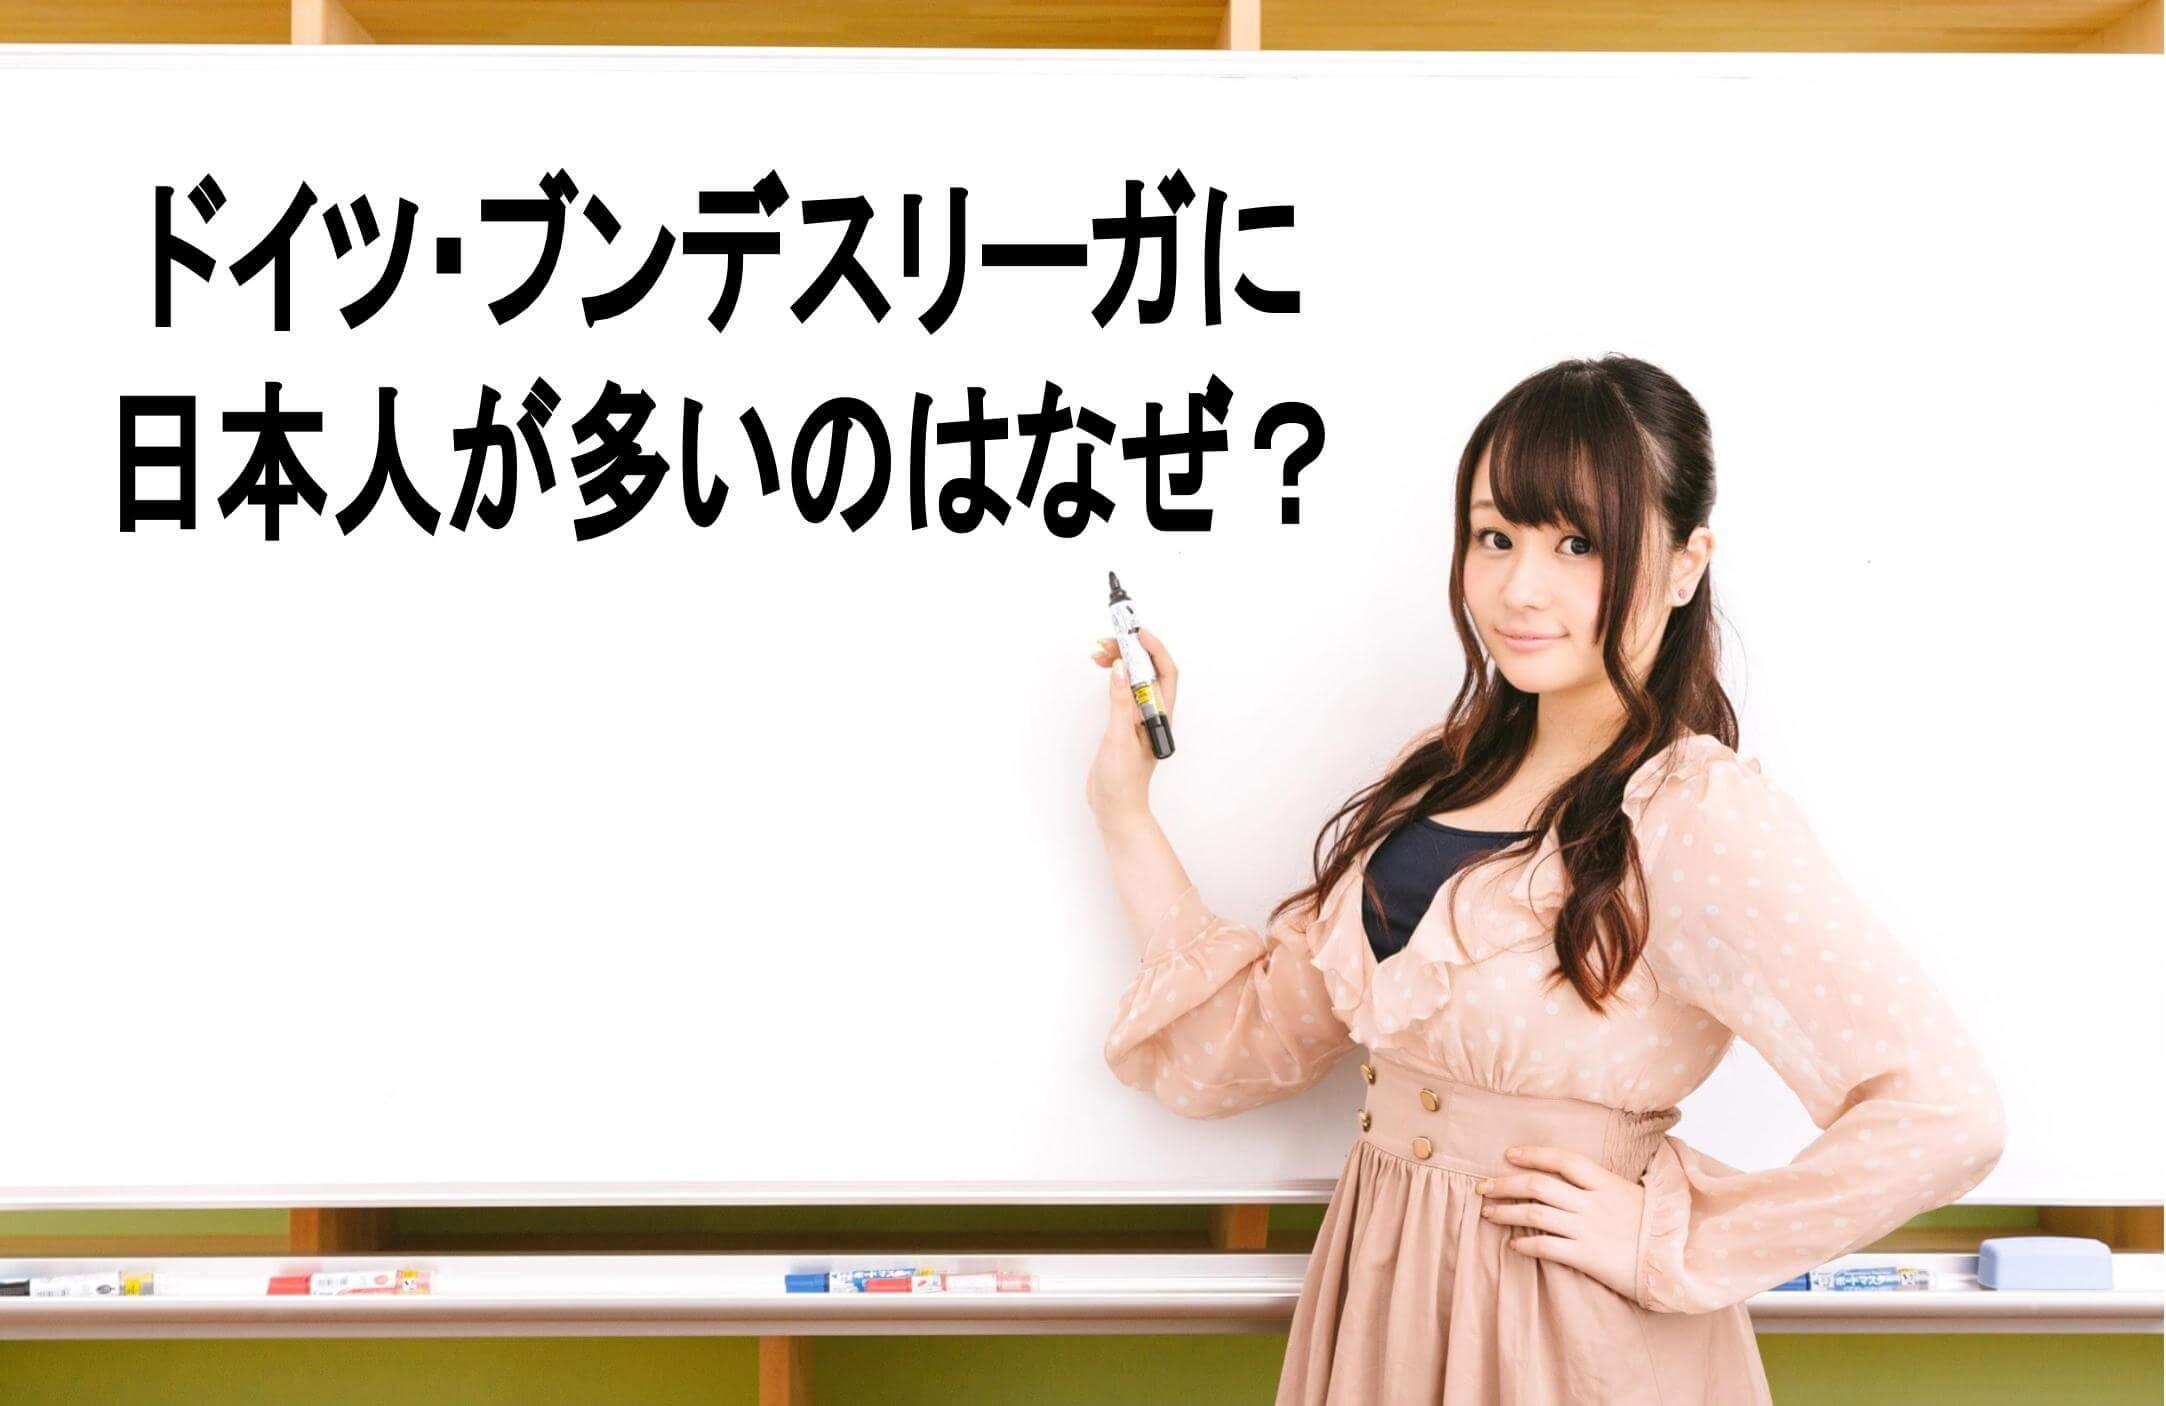 ホワイトボードを使い講義する茜さや 「ドイツ・ブンデスリーガに 日本人が多いのはなぜ?」